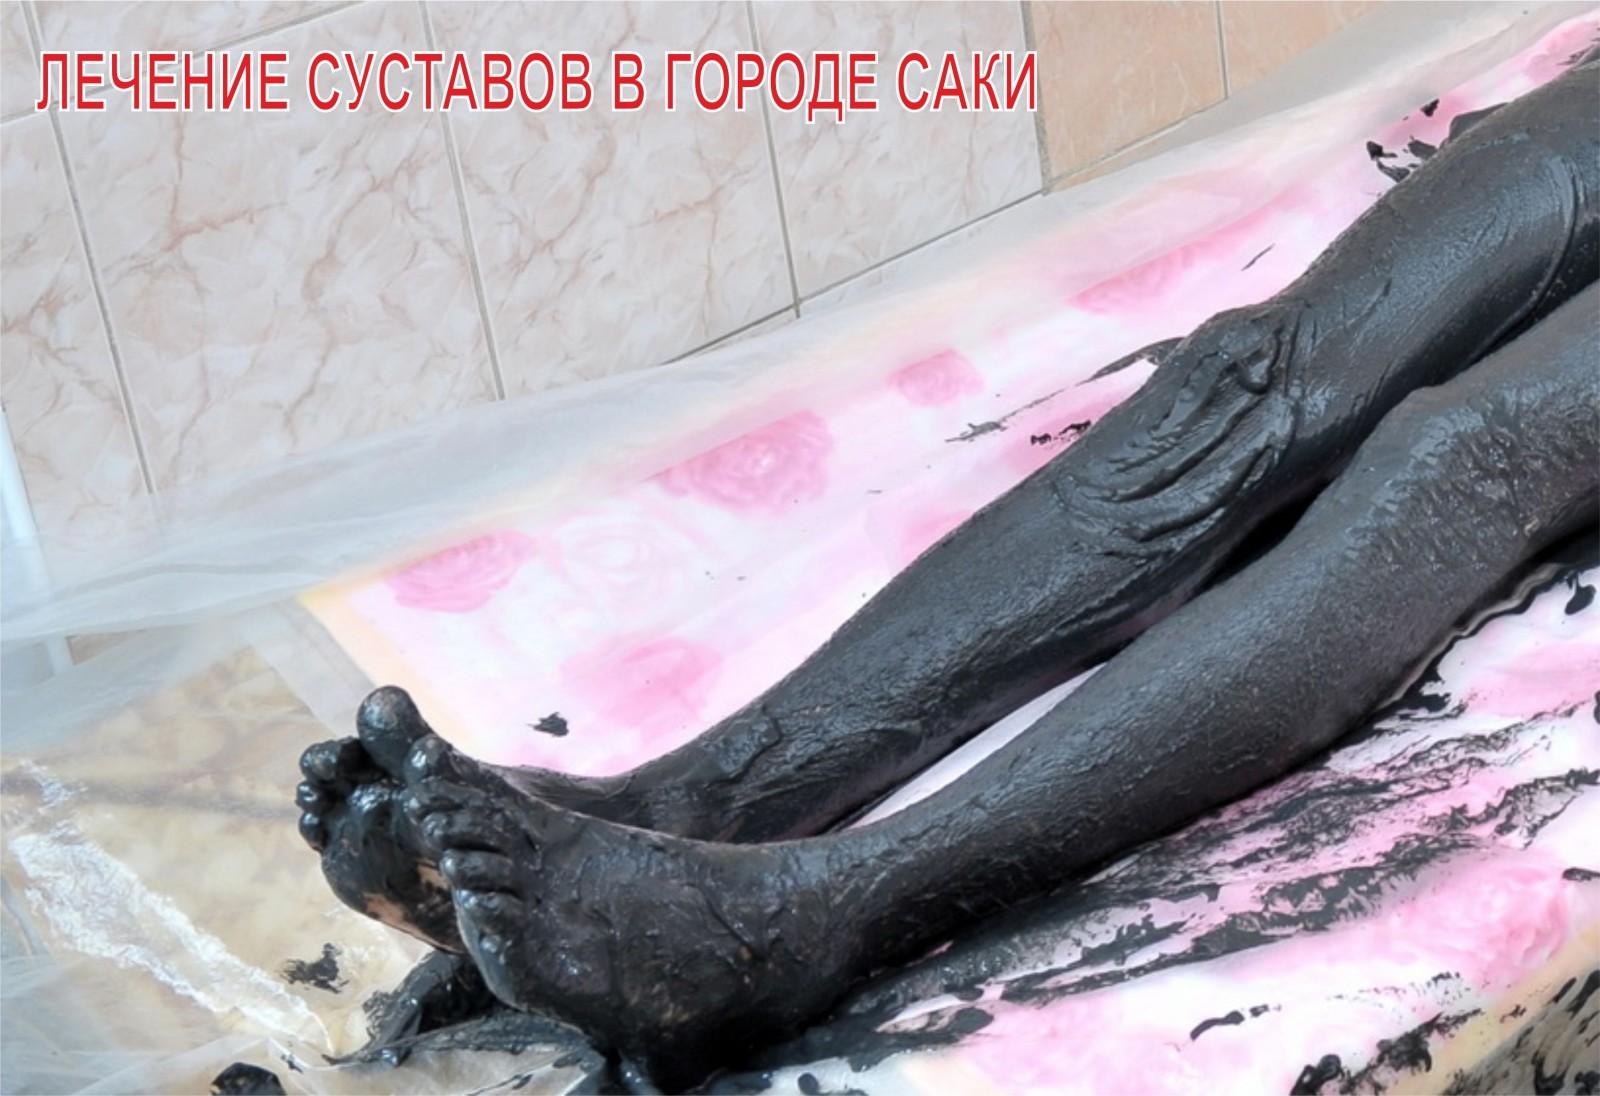 Изображение - Лечение суставов в саках lechenie-sustavov-v-g-saki